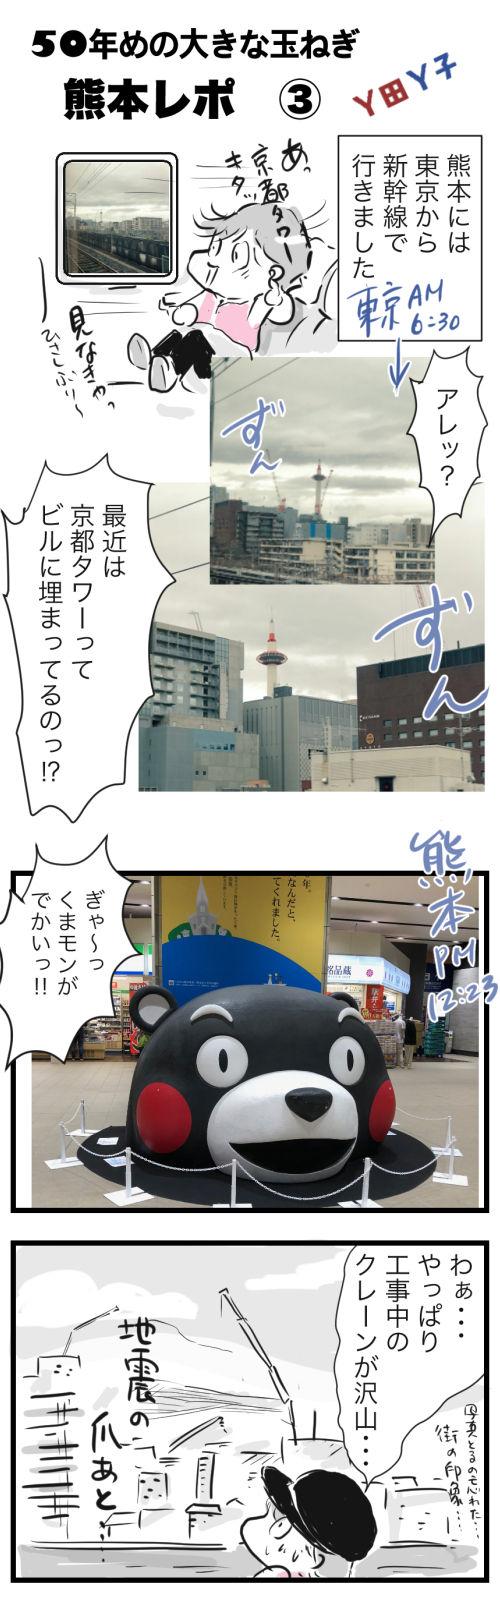 熊本レポ3−1